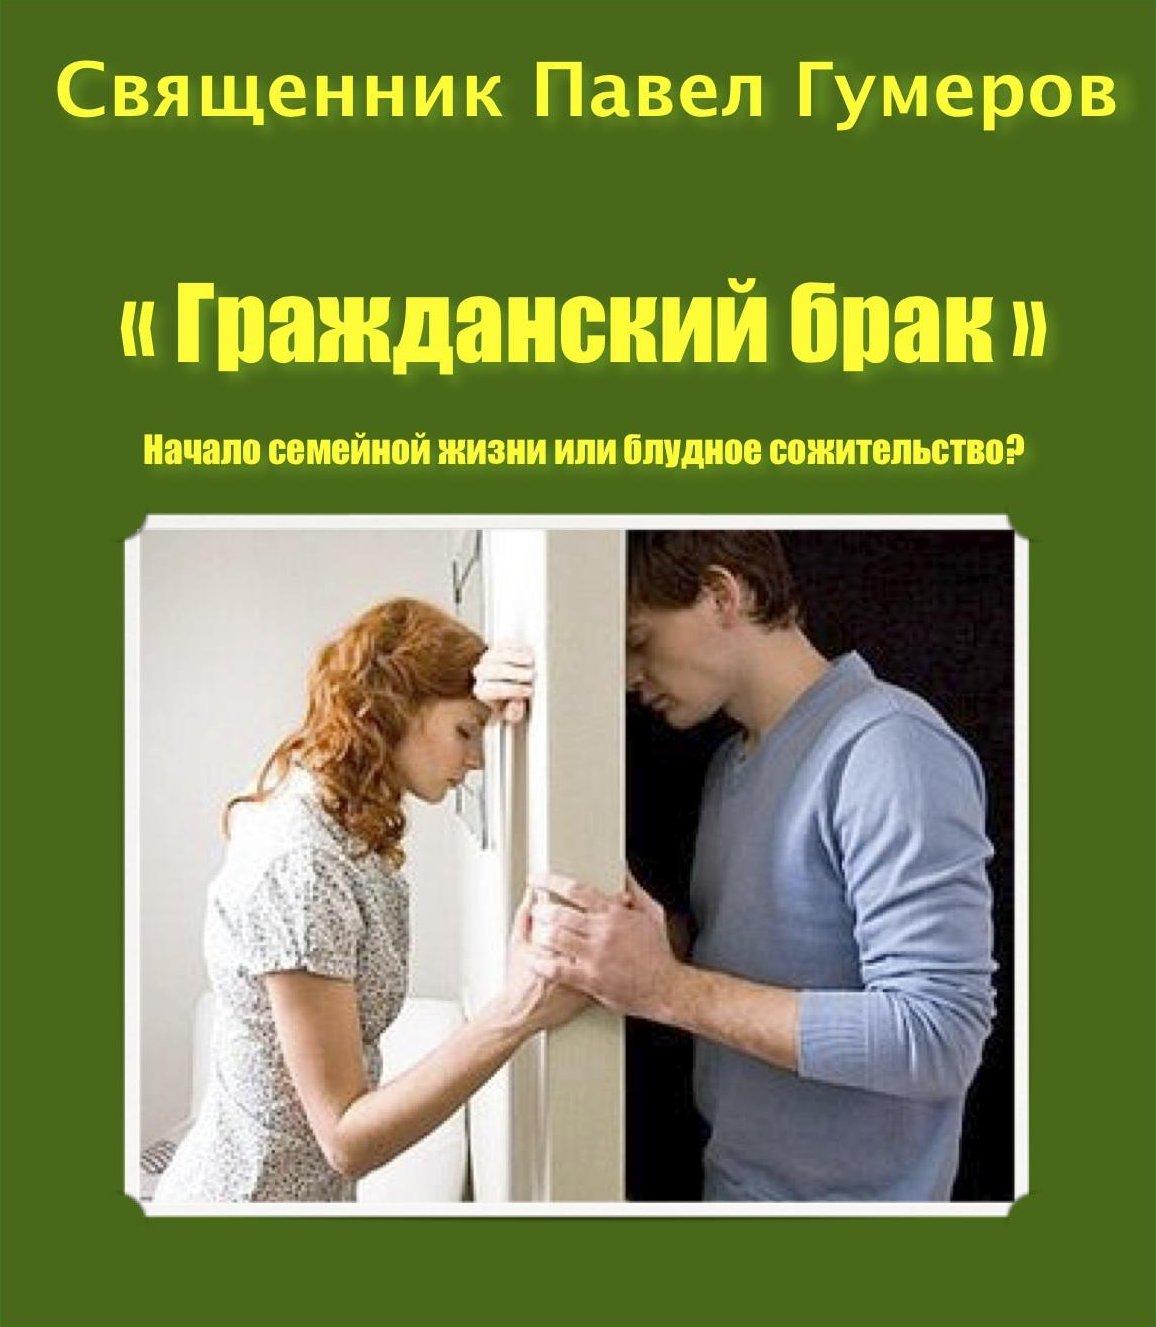 Гражданский брак отношение девушек